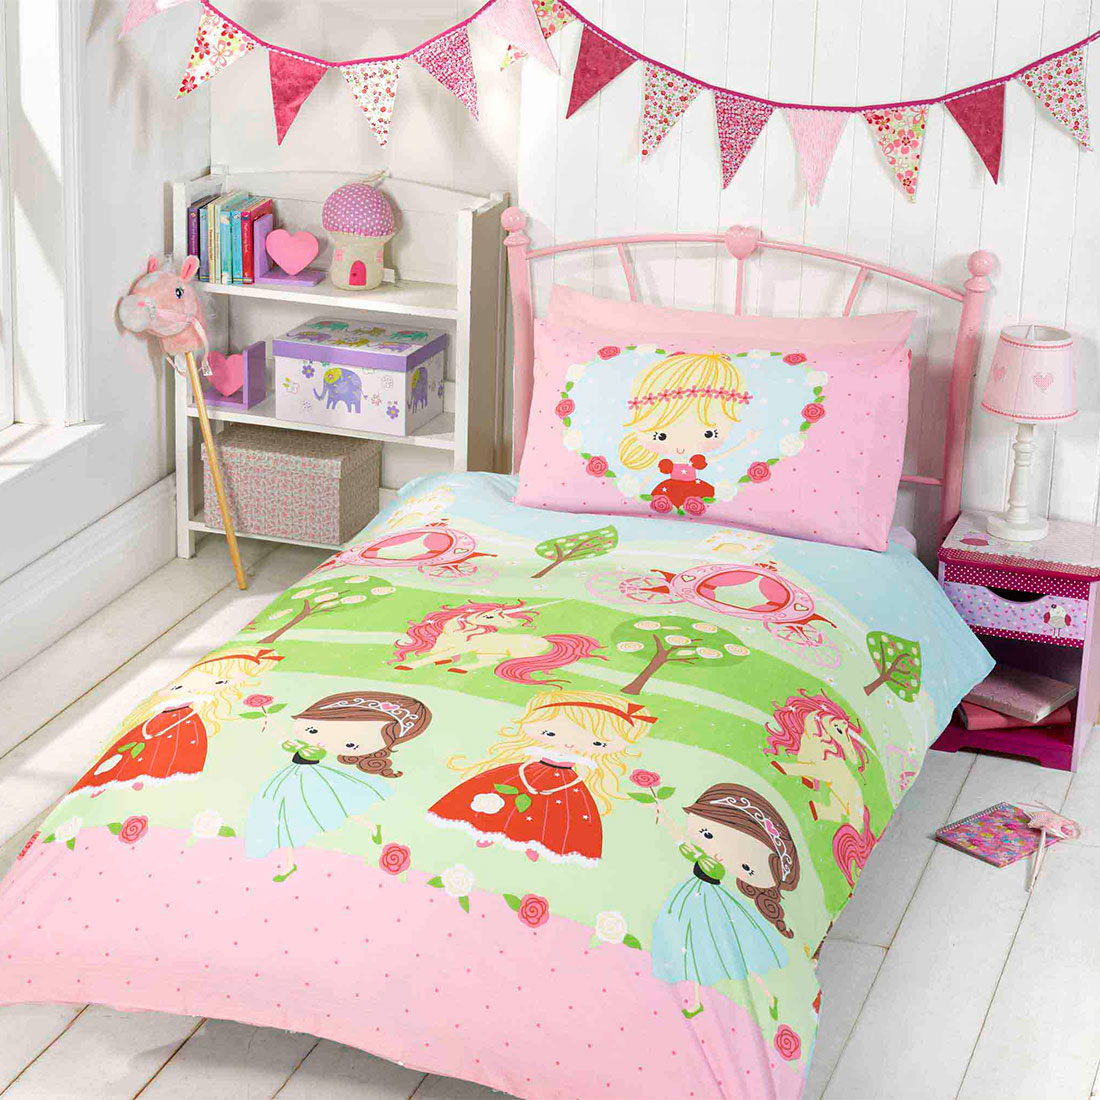 Kidz Pretty Princess Pink